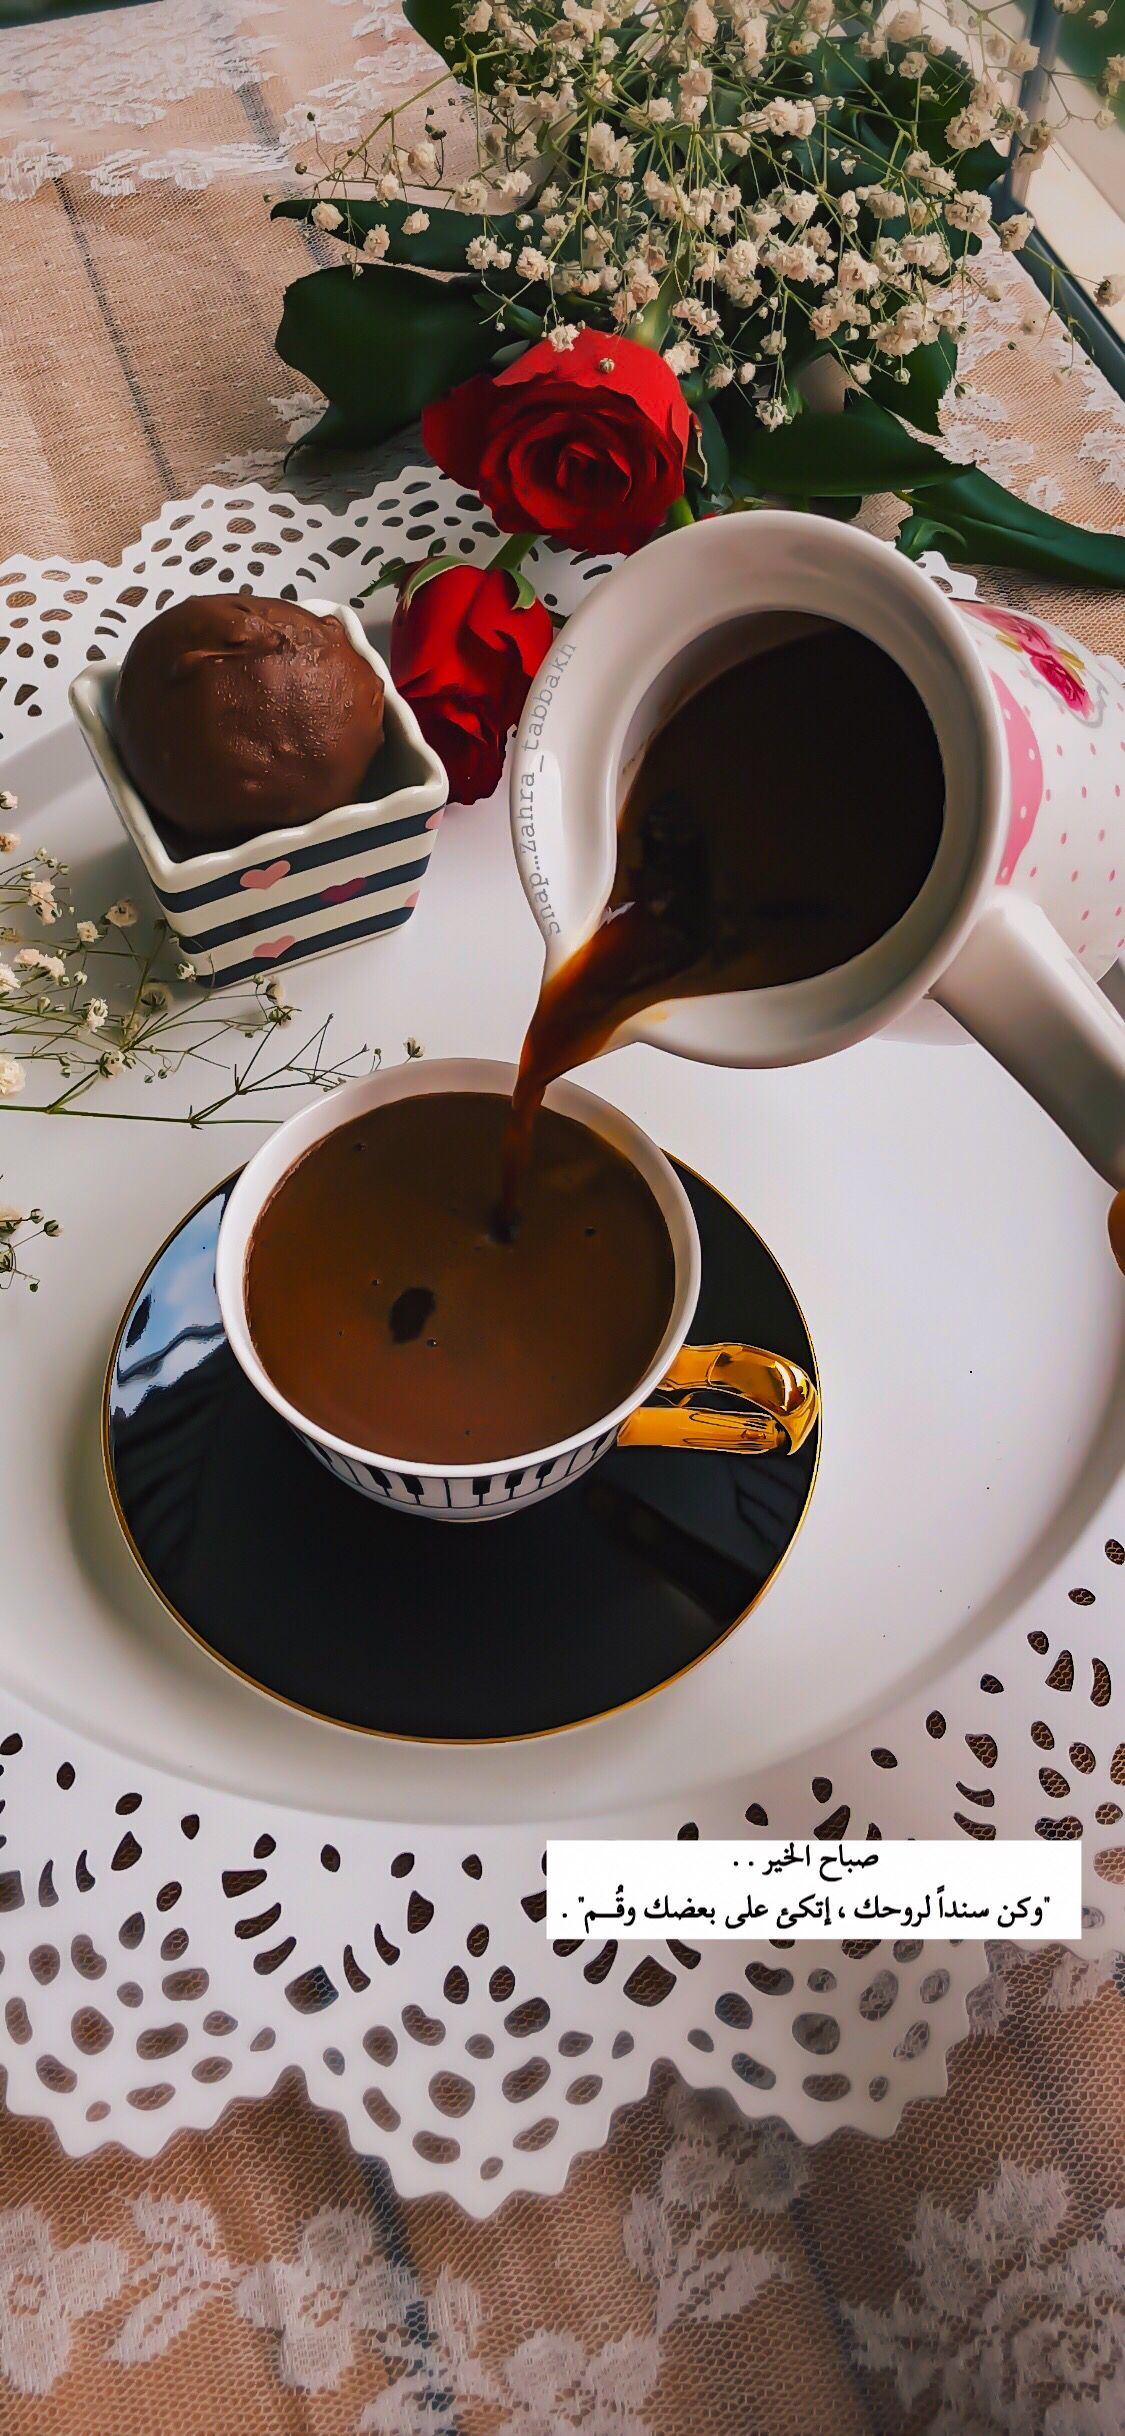 قهوة وقت القهوة صباح الخير رمزيات صورة تصويري تصاميم كوب قهوة سناب سنابيات بيسيات فنجان قهوة روقان مزاج ه Coffee Addict Coffee Art Coffee Quotes